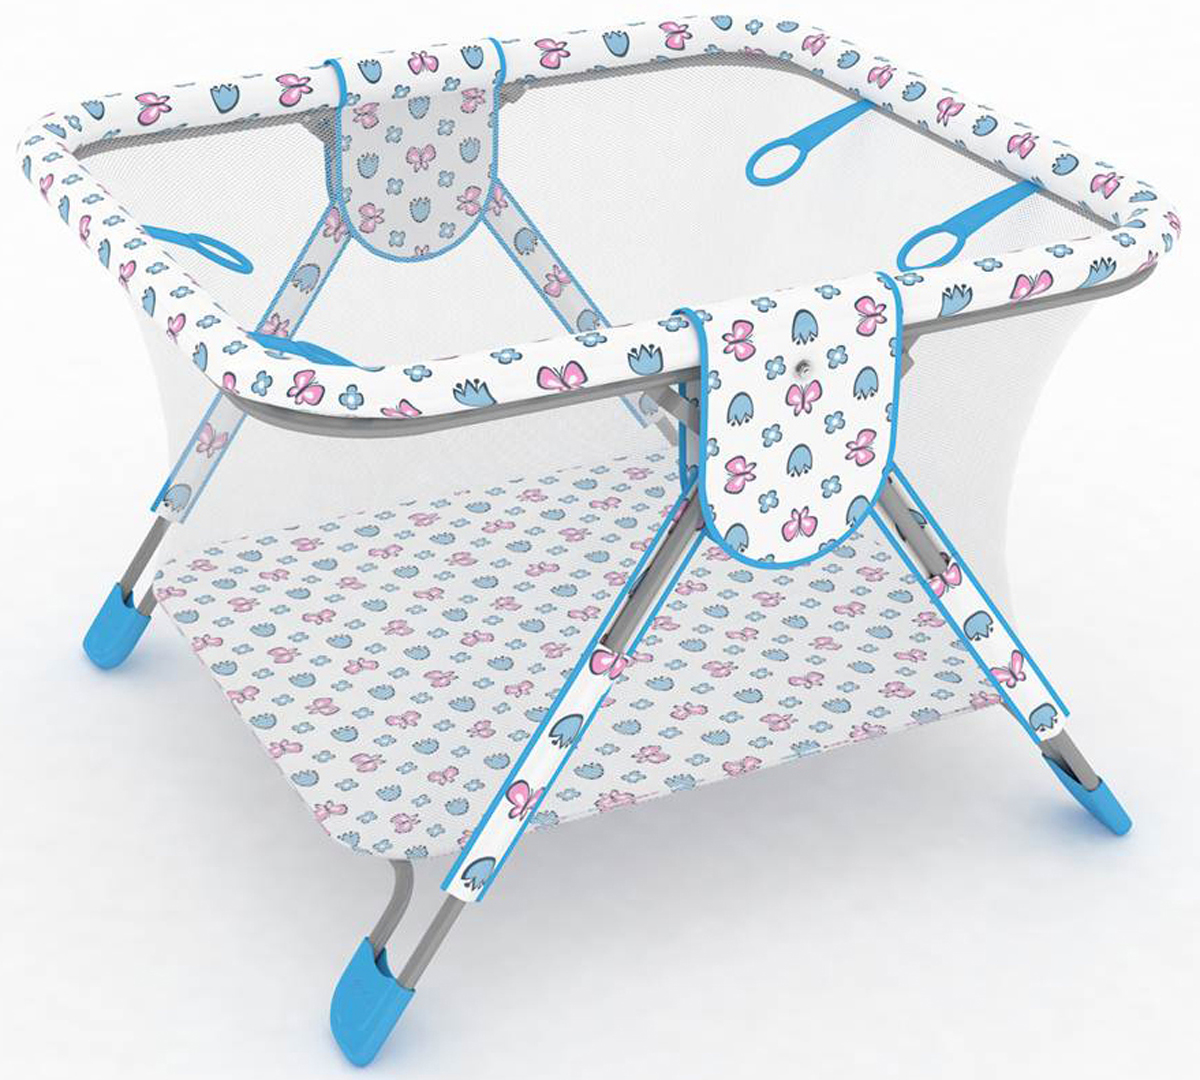 Фея Манеж Книжка Экстра цвет голубой0001026-1Описание:- манеж имеет 4 ручки-кольца для ребенка, - дно и края манежа мягкие, чтобы защитить ребенка от ушибов,- сетка с круговым обзором соответствует всем нормам безопасности,- покрытие легко моется, - рисунки выполнены нетоксичной краской,- легко и компактно складывается,- занимает мало места при хранении.